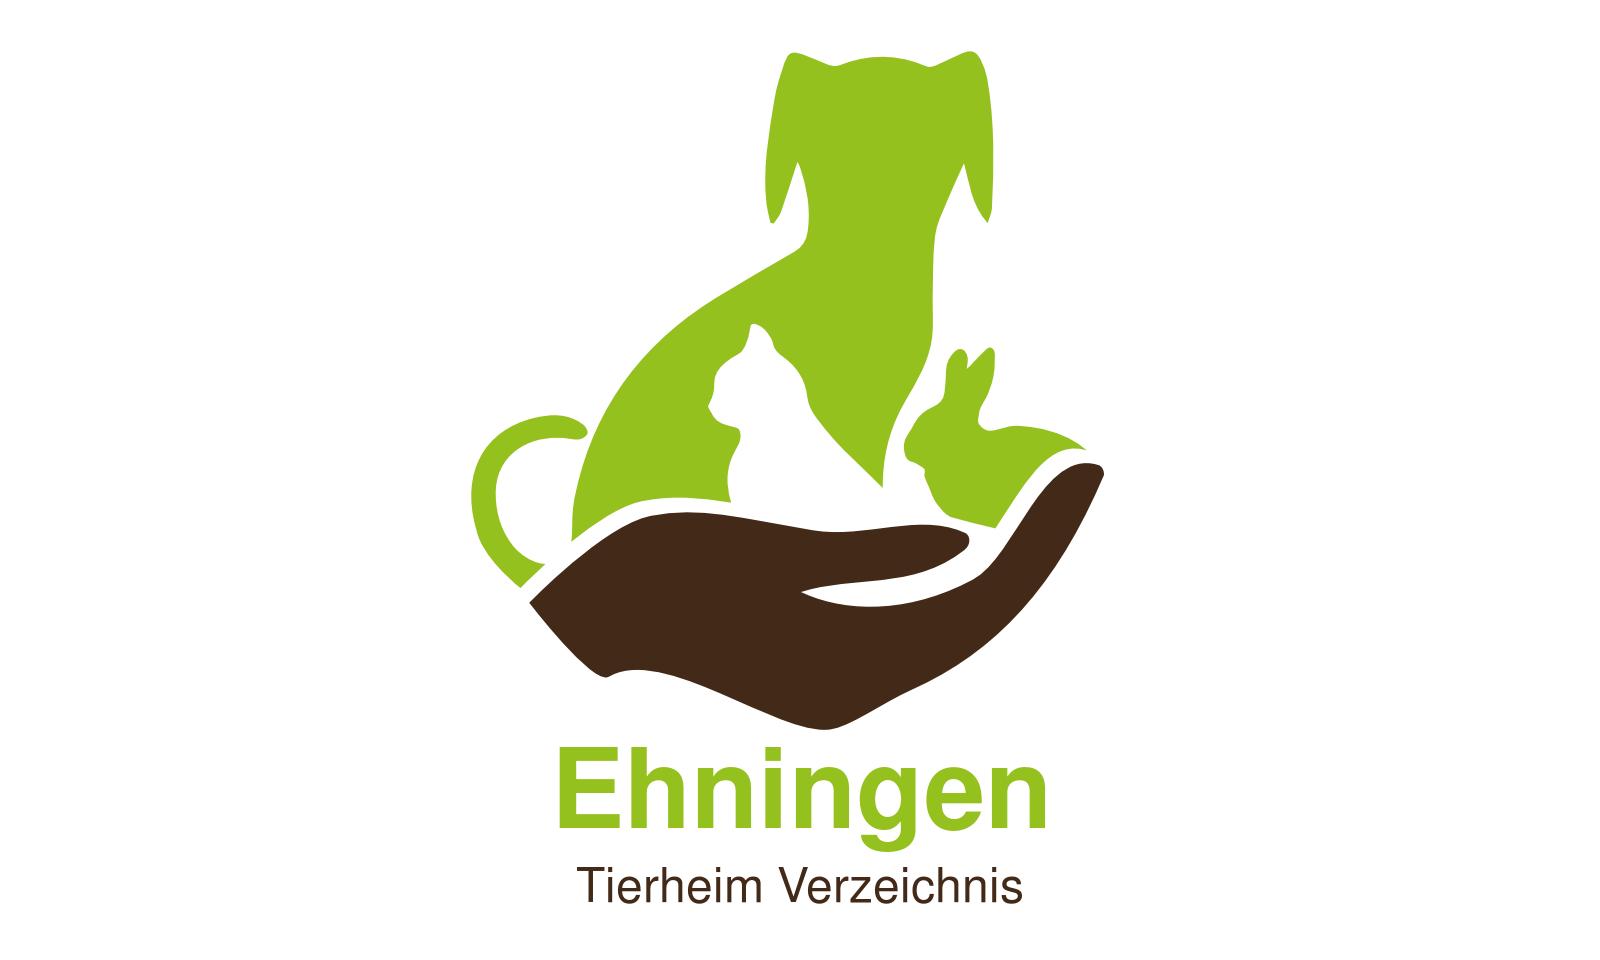 Tierheim Ehningen